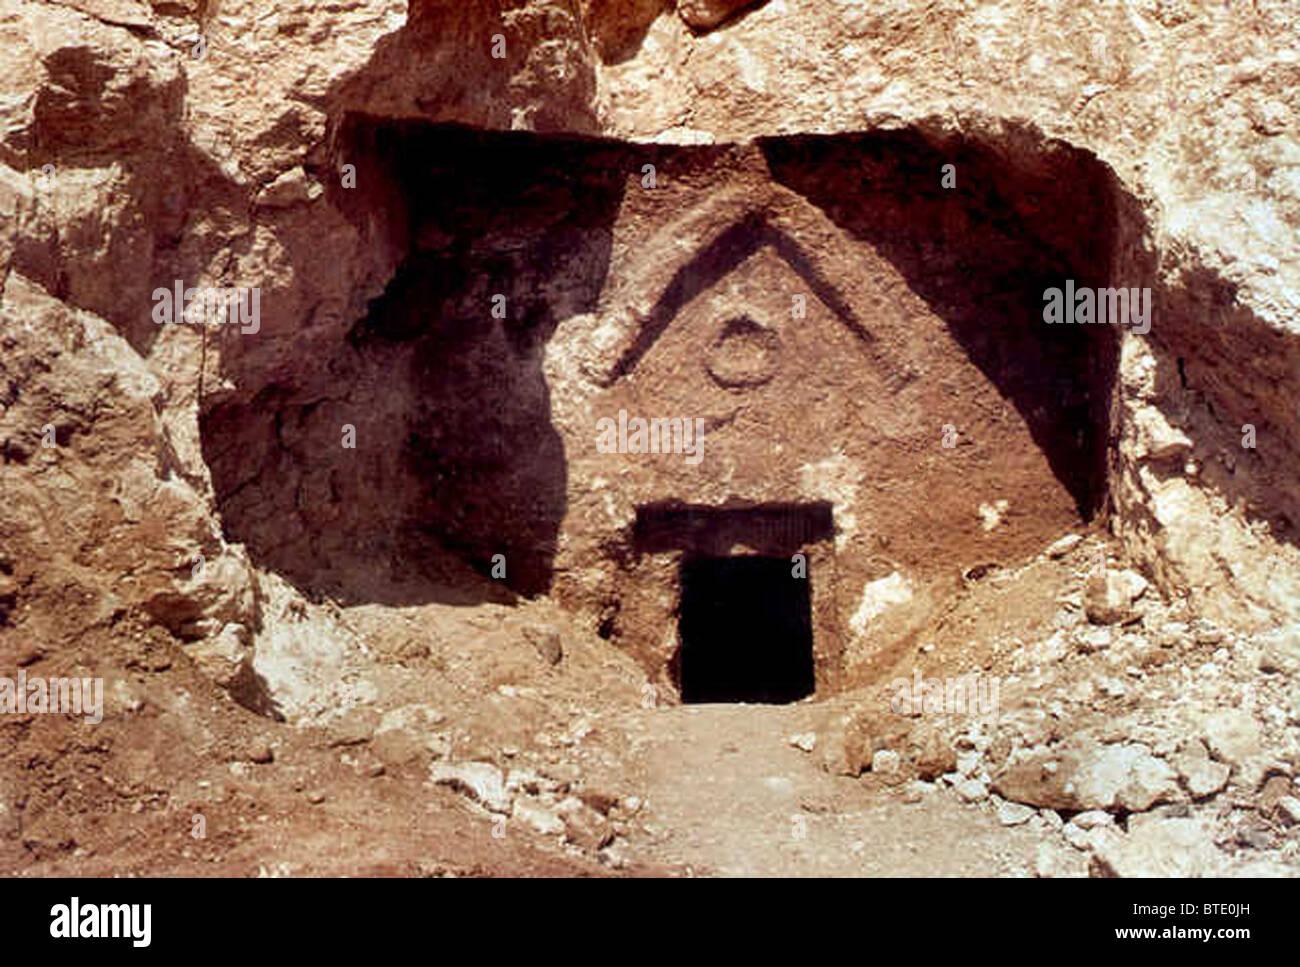 5366. La Tomba di Talpiot a Gerusalemme in cui 10 ossuaries sono stati trovati. Immagini Stock